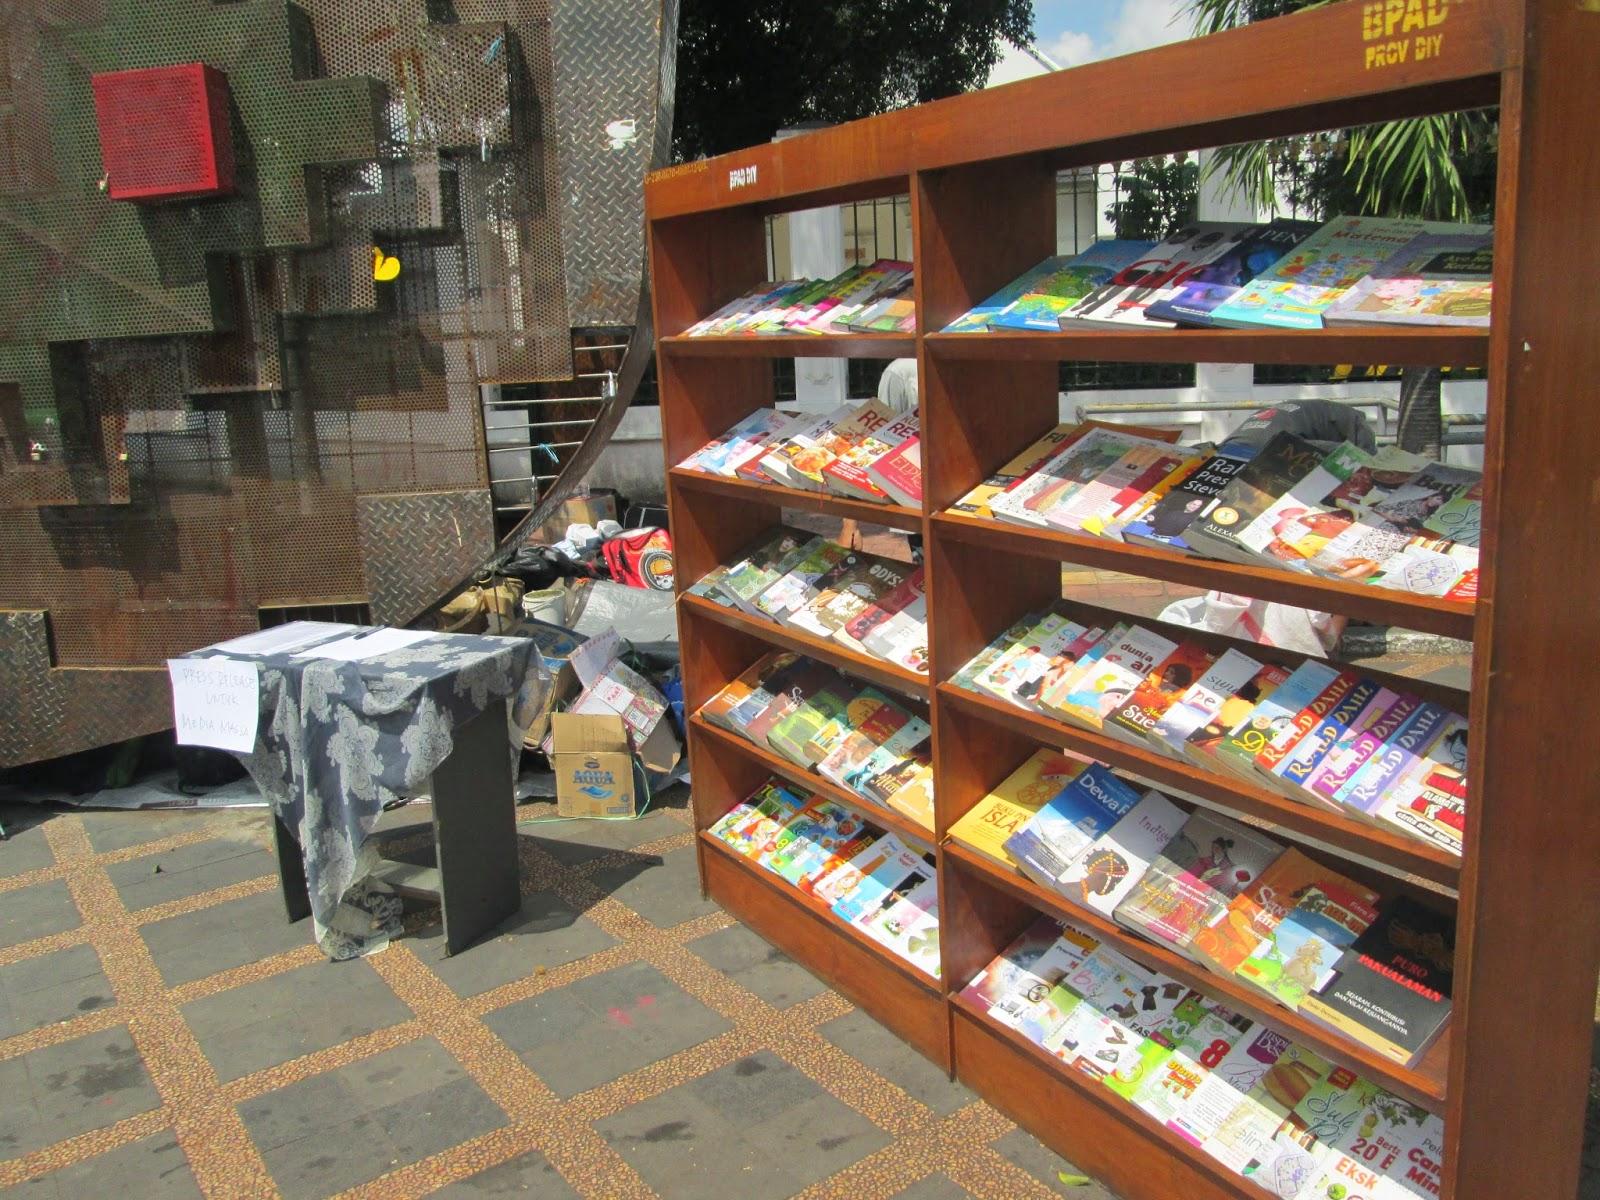 Rak-rak dipenuhi buku yang bisa dibaca saat Jogja Membaca 4